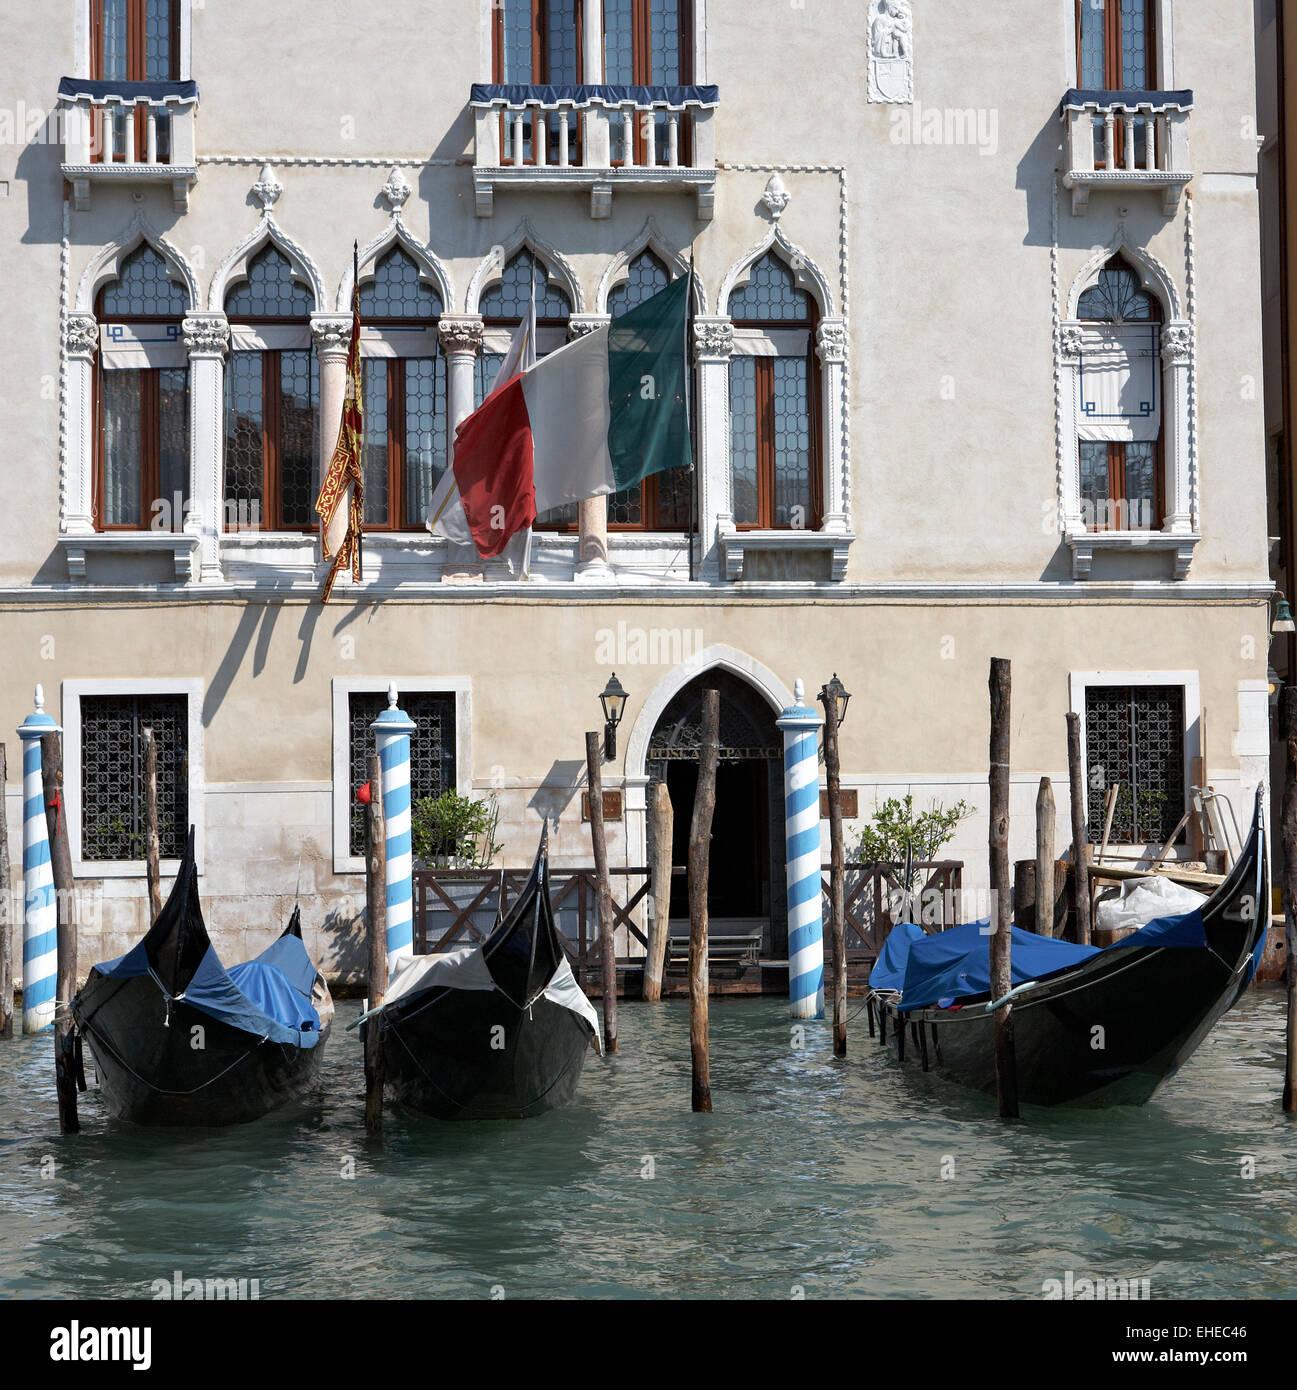 Living in venice - Leben in Venedig - Stock Image